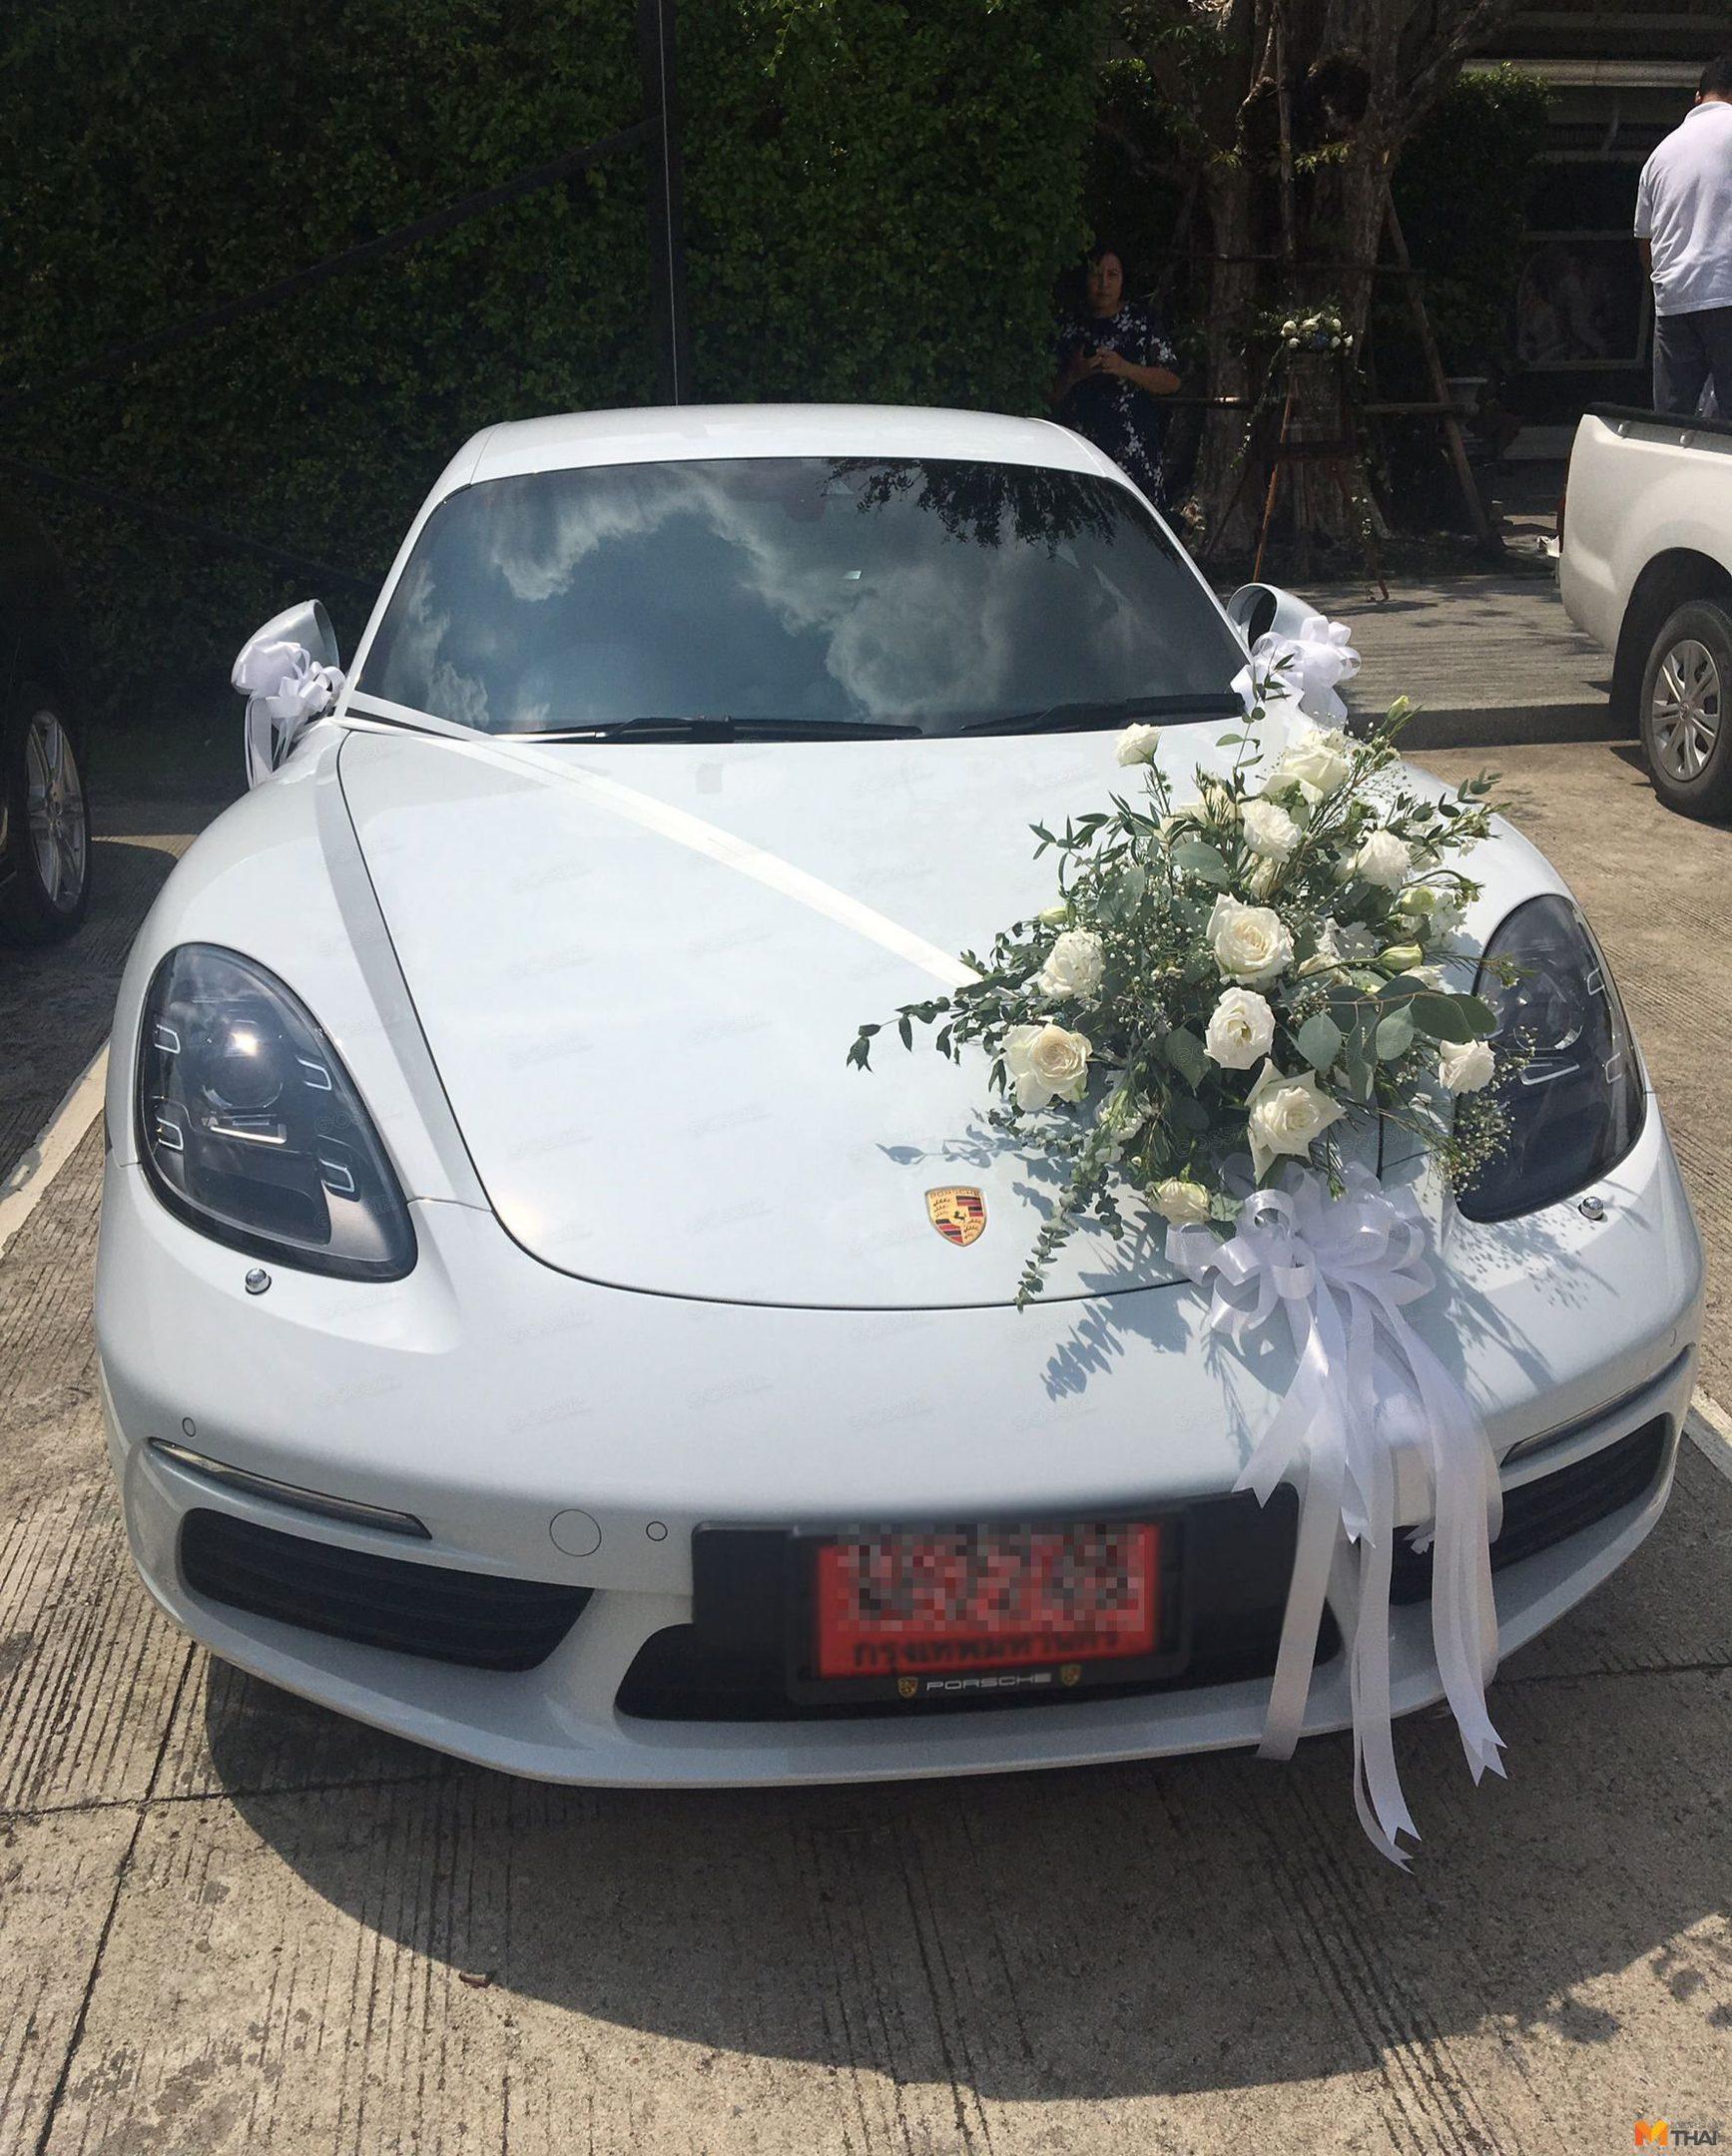 รถหรูซุปเปอร์คารก็มา Porsche cayman สินสอดให้เจ้าสาว